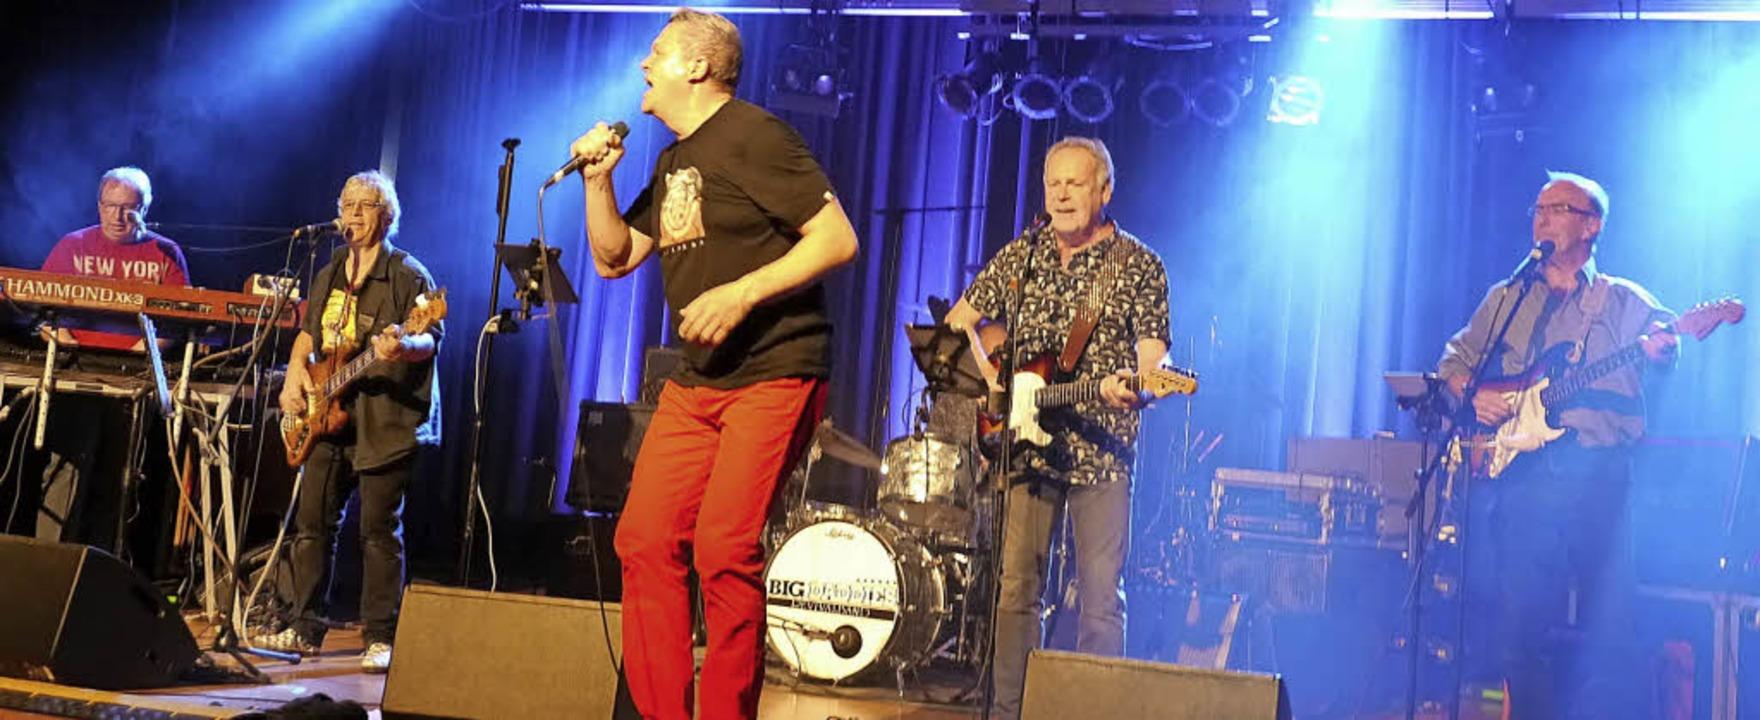 Die Big Daddies begeistern mit ihren O... Publikum am Samstagabend in Endingen.    Foto: Christa Hülter-Hassler